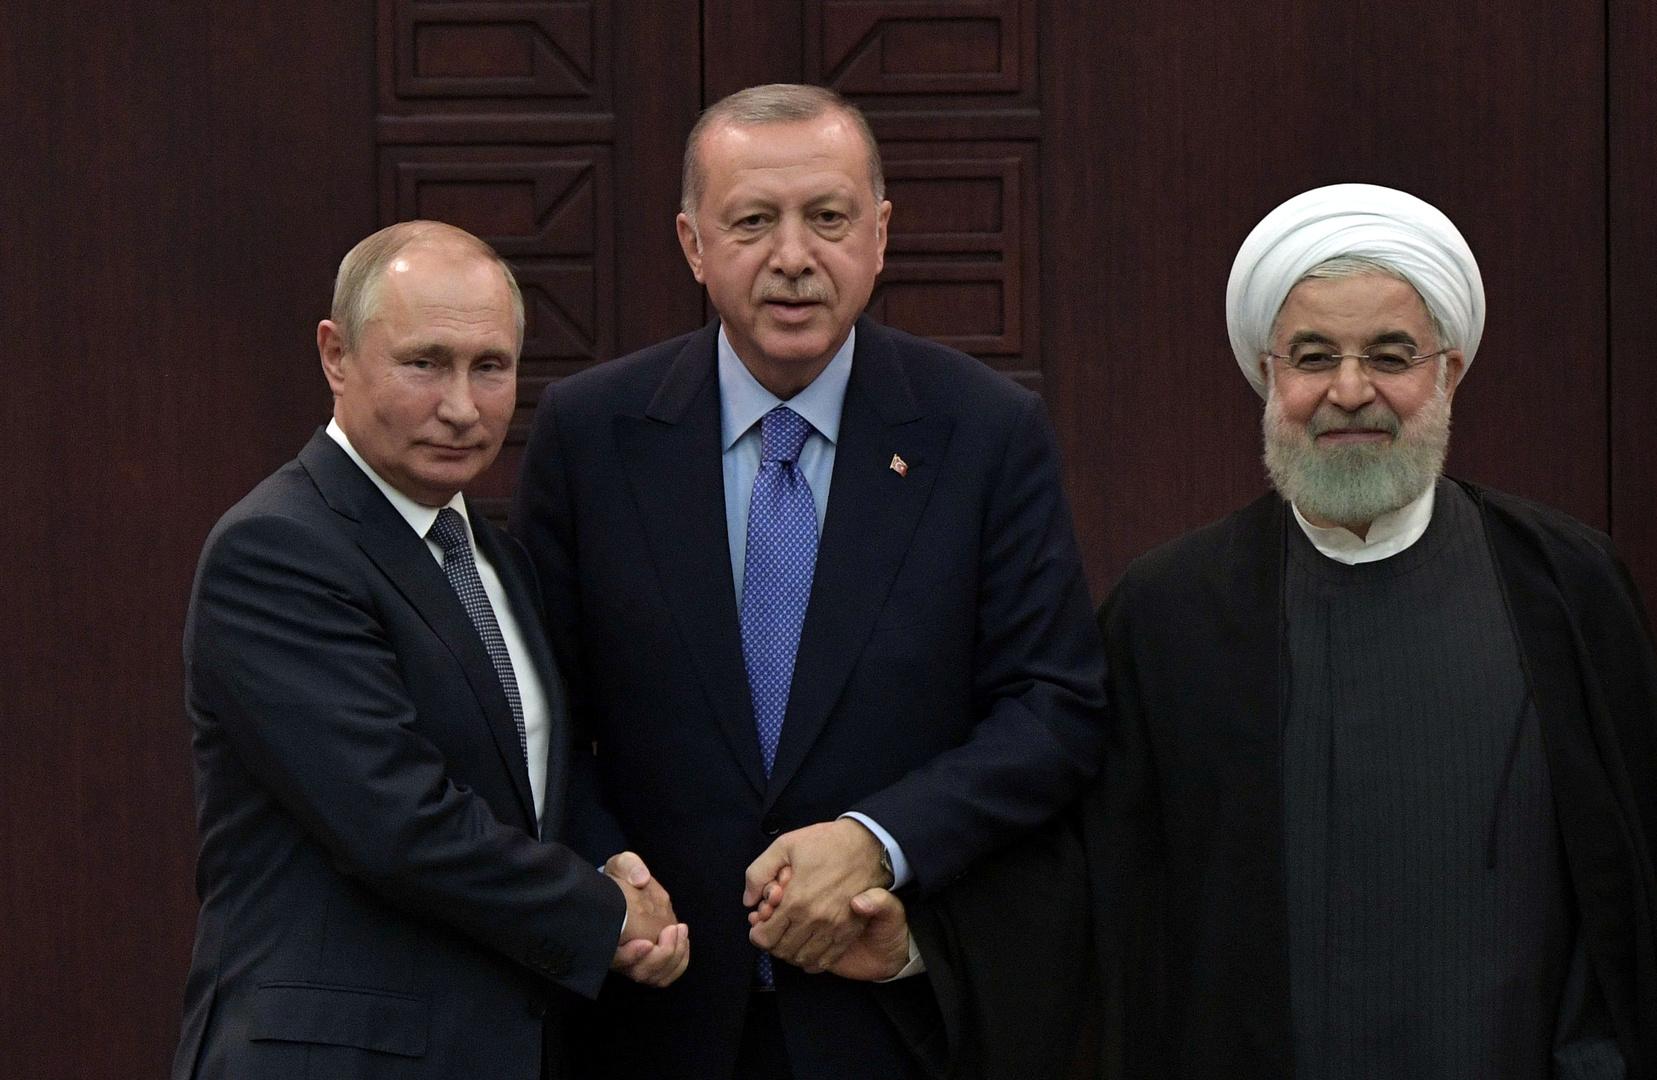 المبعوث الأمريكي: واشنطن تتواصل مع موسكو بشأن سوريا ولا تعتبر